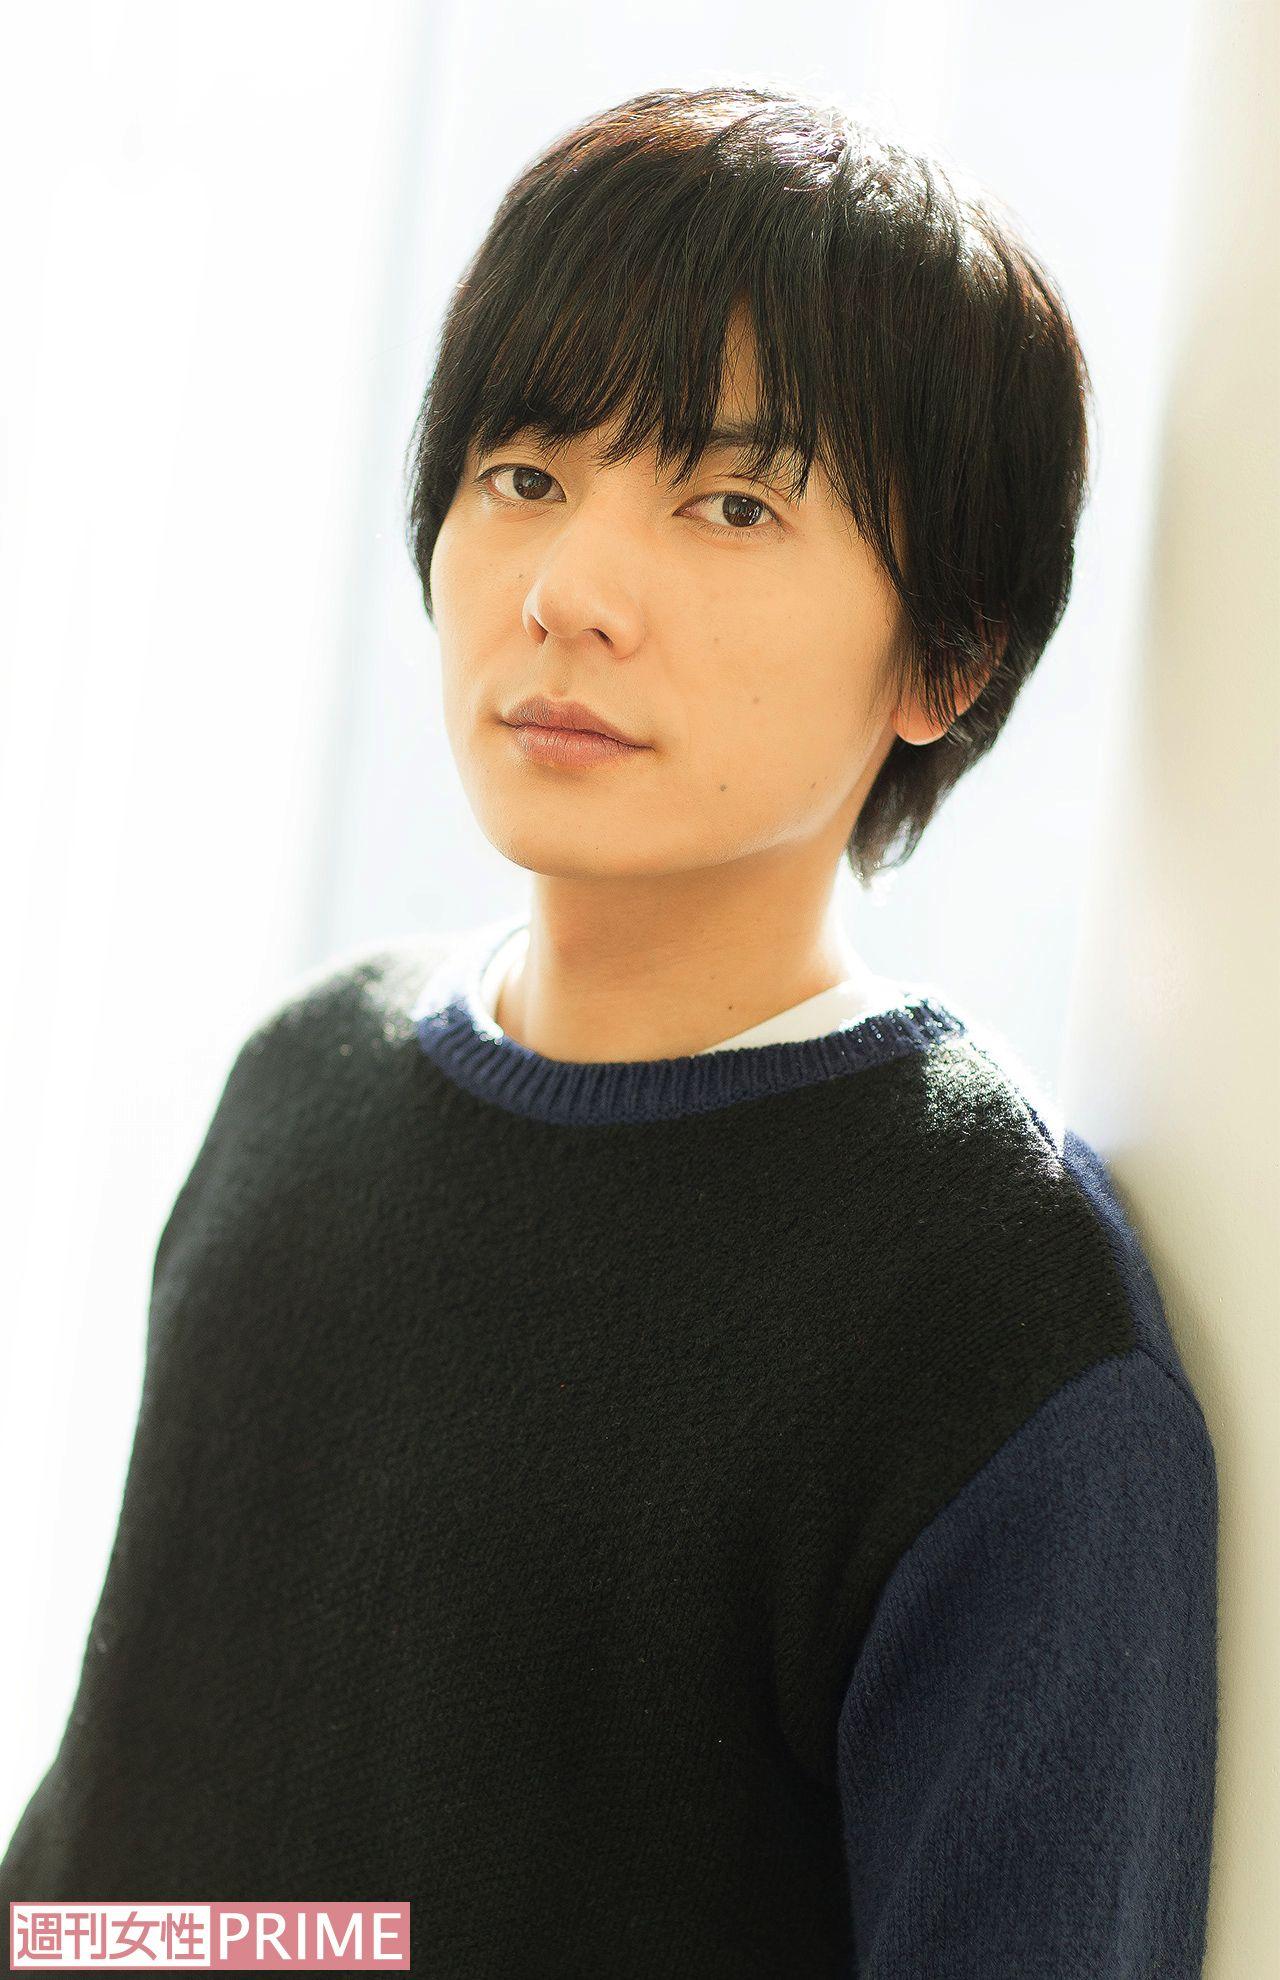 flumpool・山村隆太、自身の結婚生活を語る「今では消さないと落ち着かない」